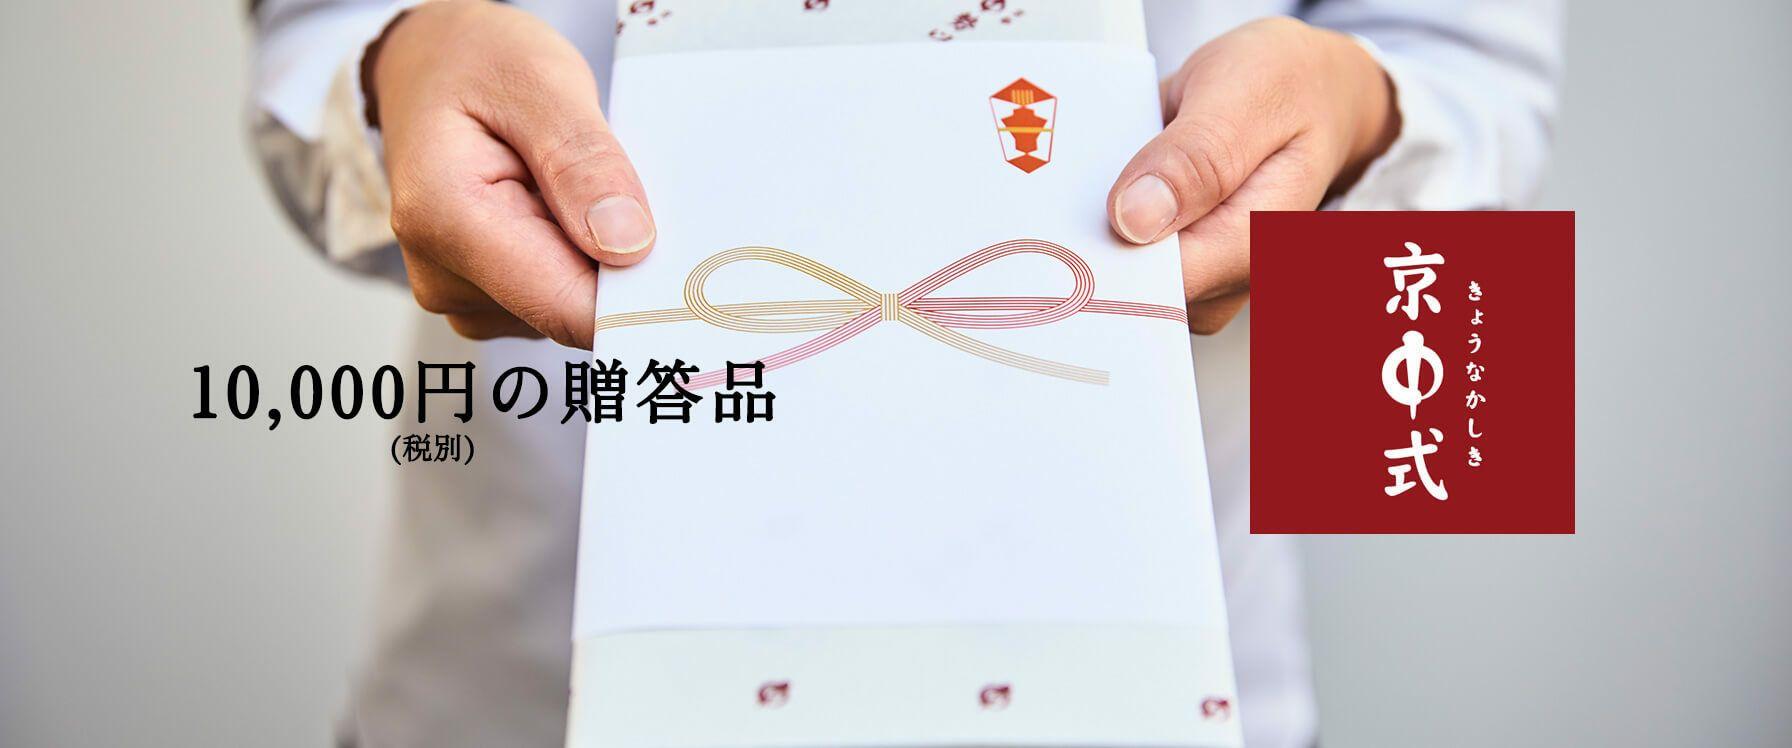 10,000円の贈答品